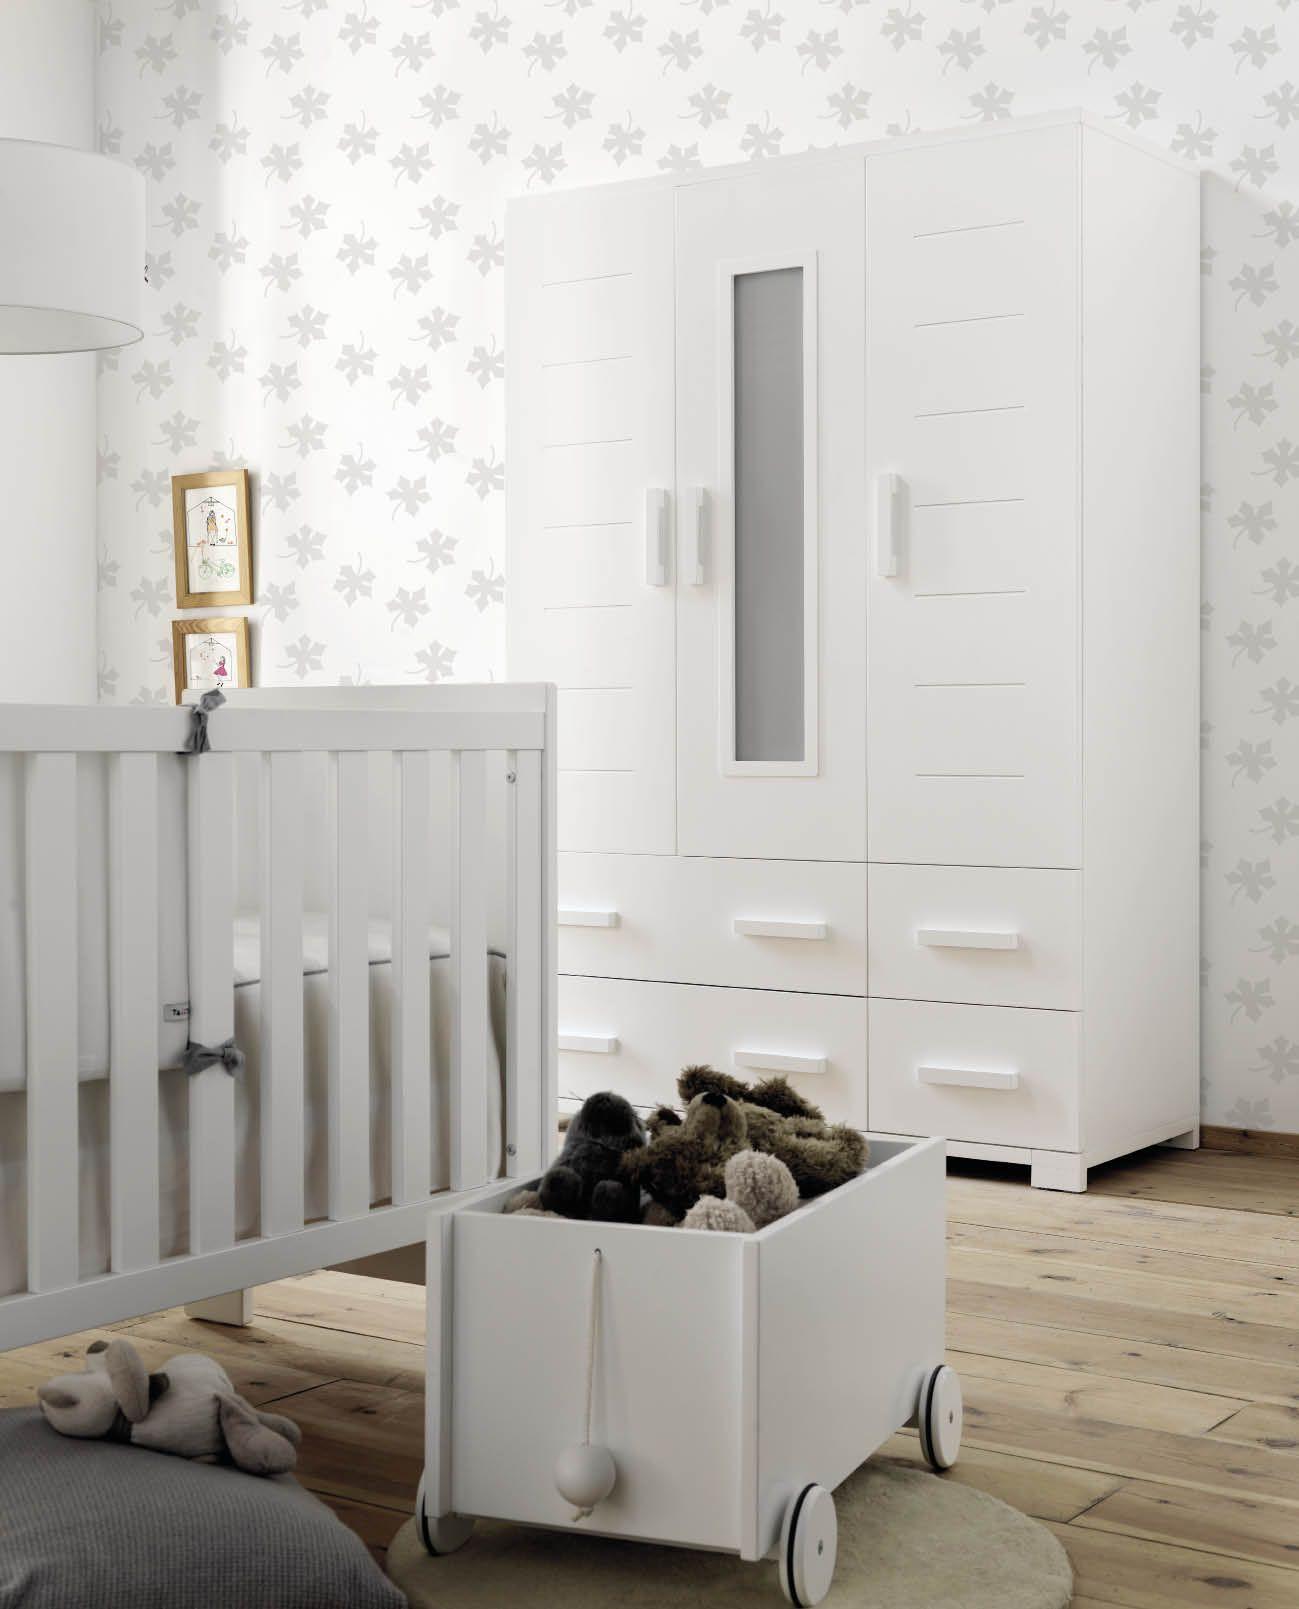 Cunas de madera para bebés #decoracion #blancas #nordica | Muebles ...